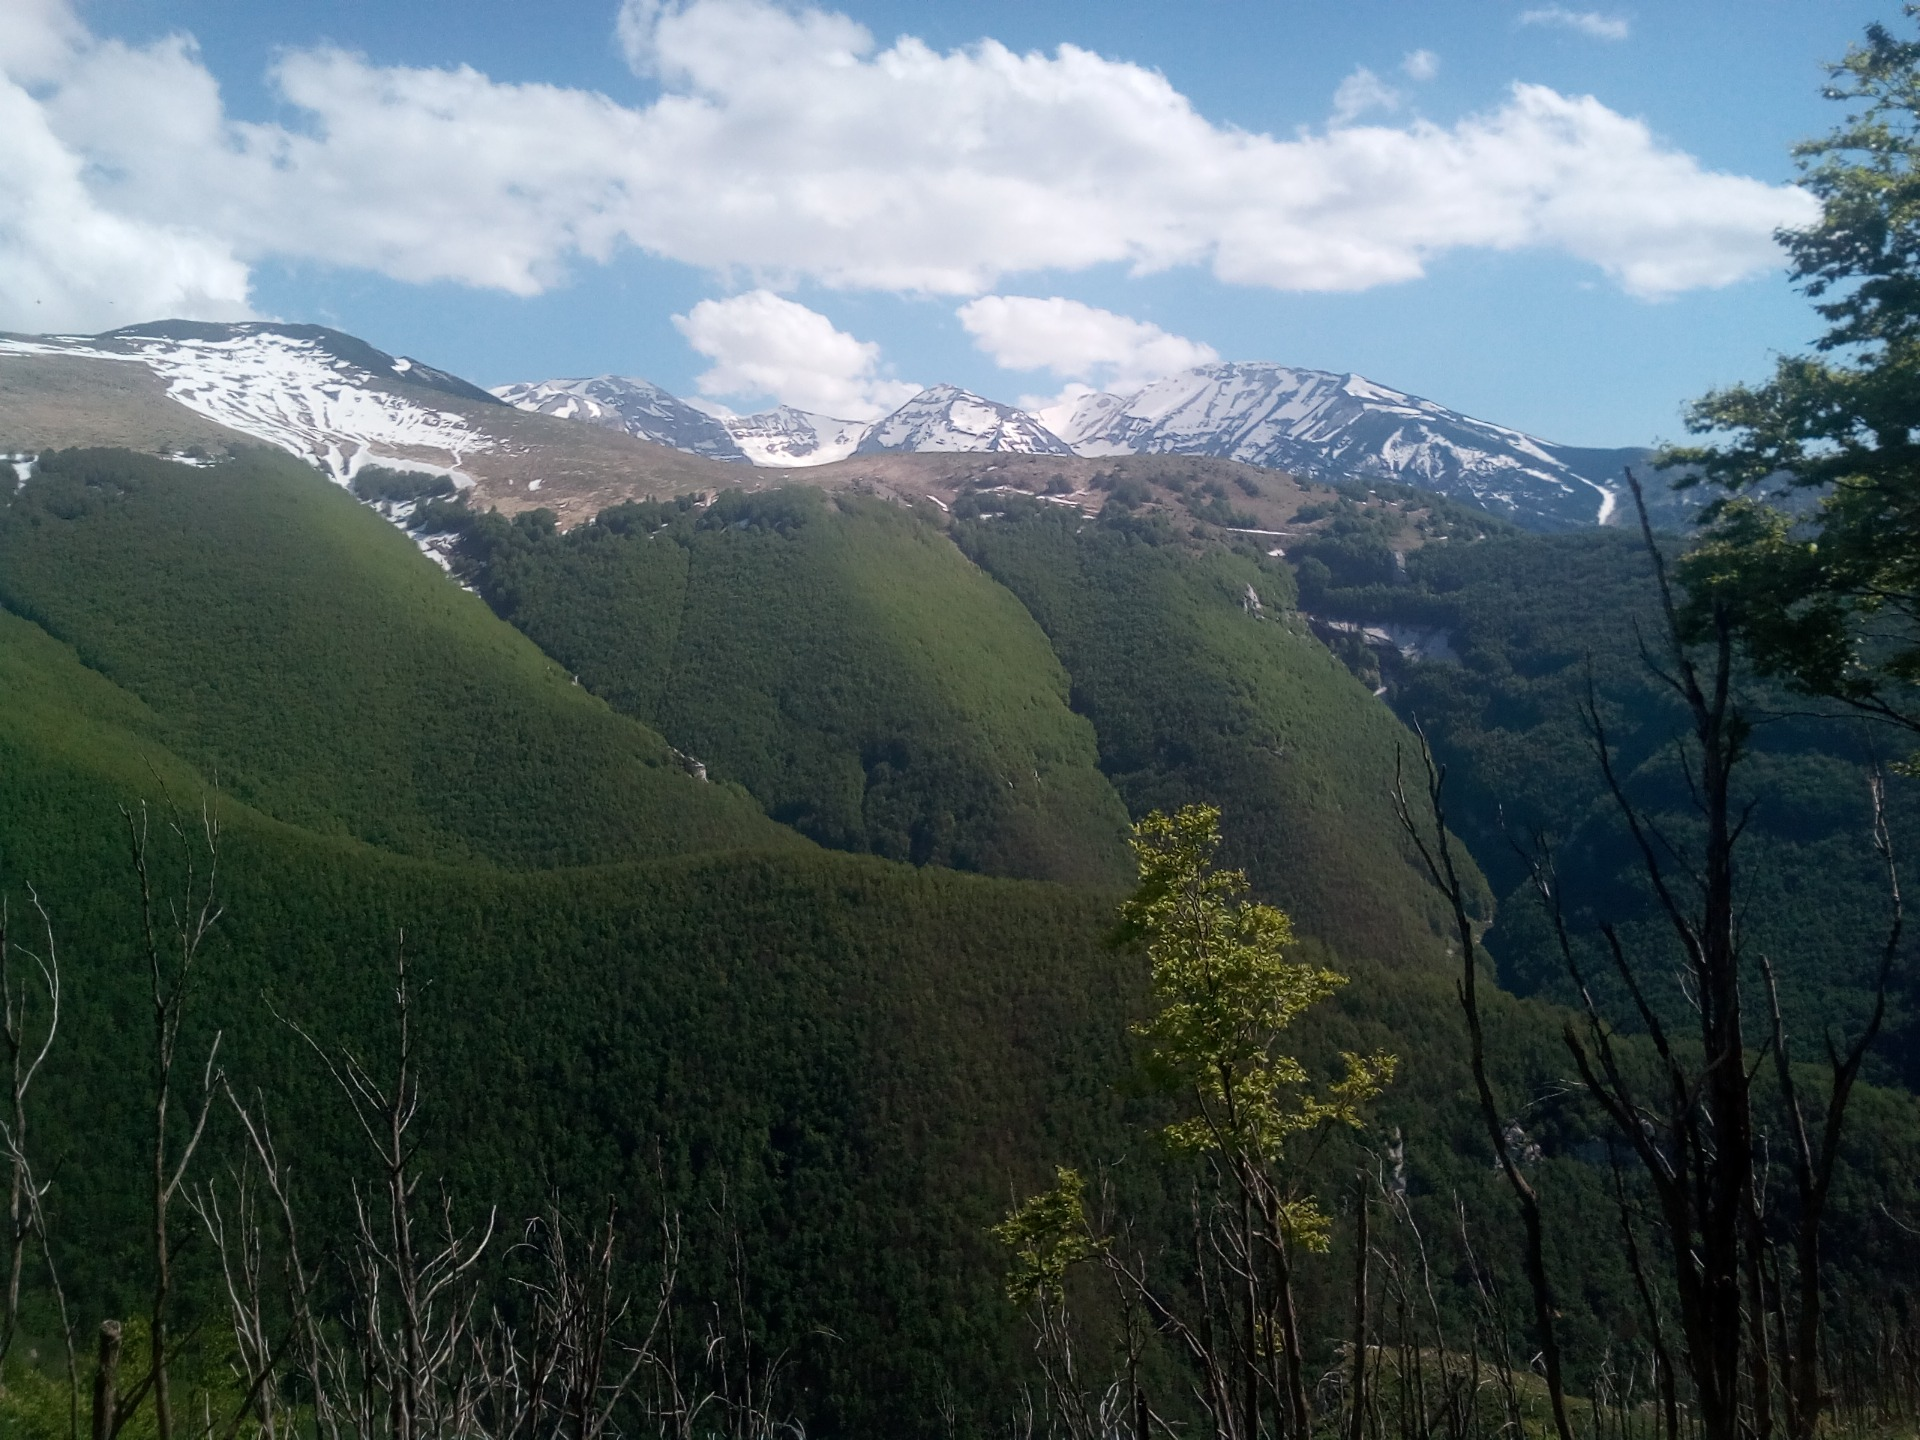 Montagna Majella con boschi verdi e vette innevate